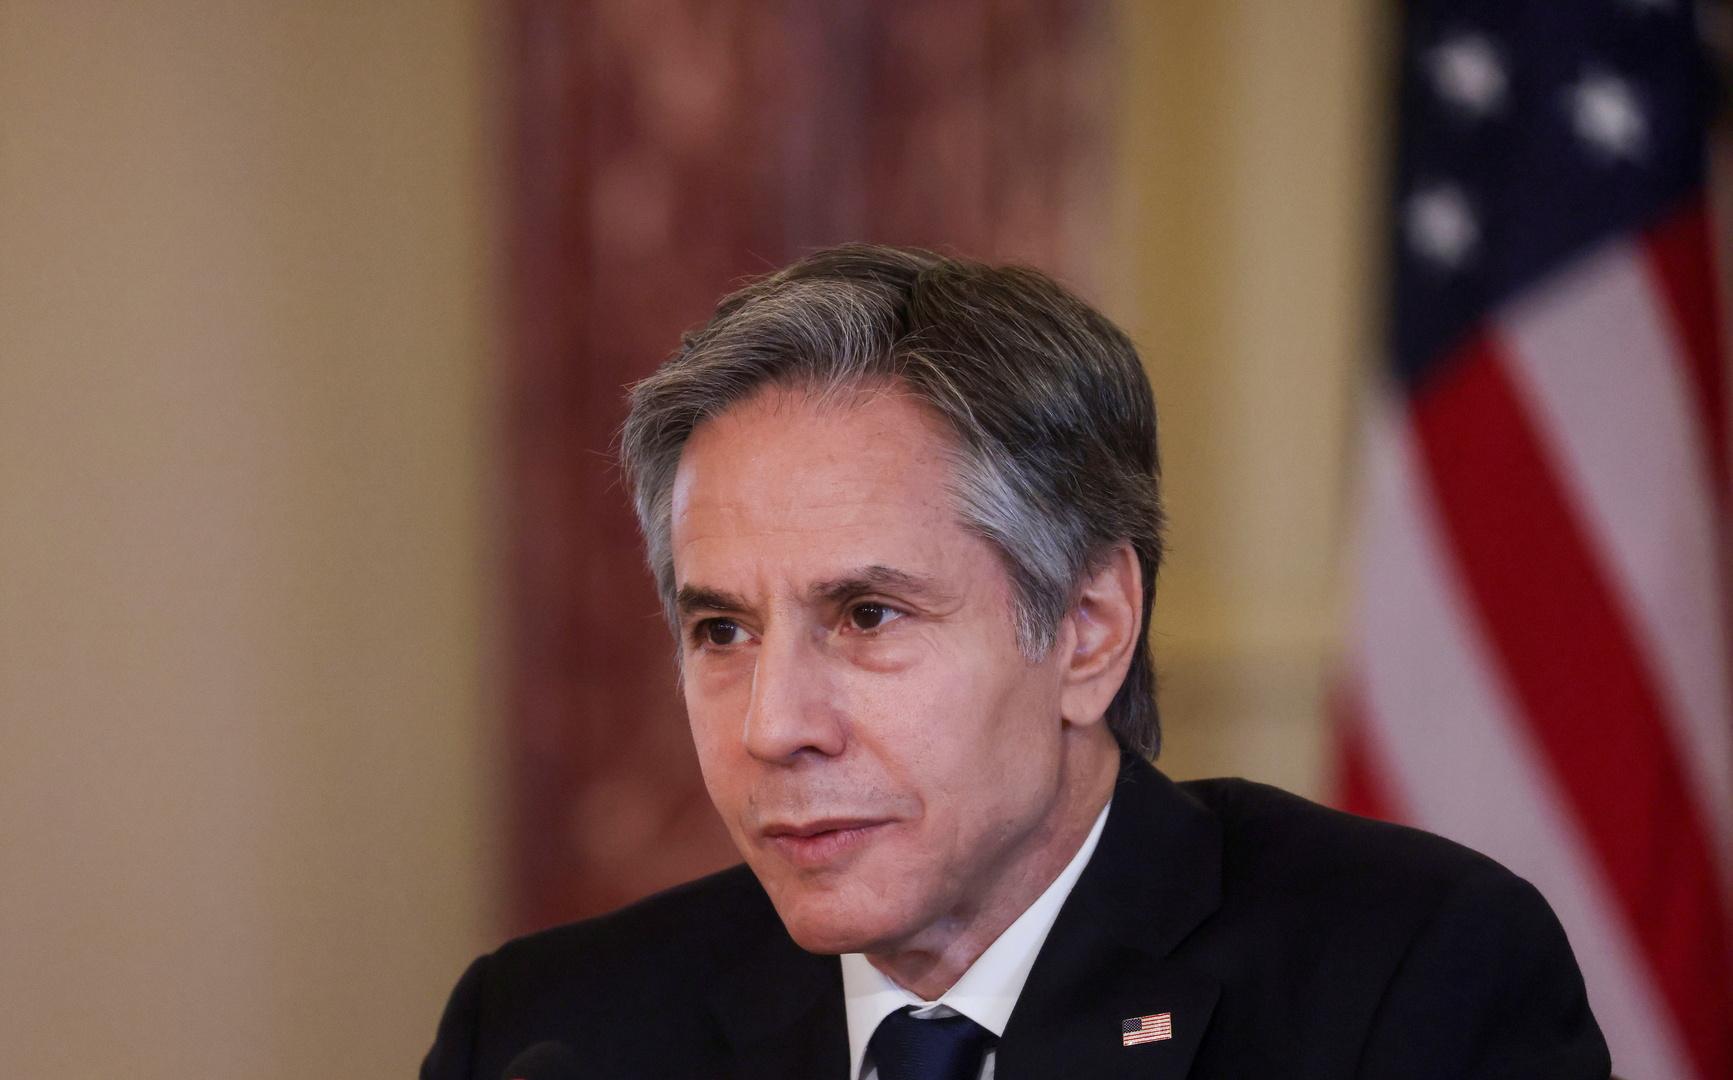 وزير الخارجية الأمريكي، أنثوني بلينكن.